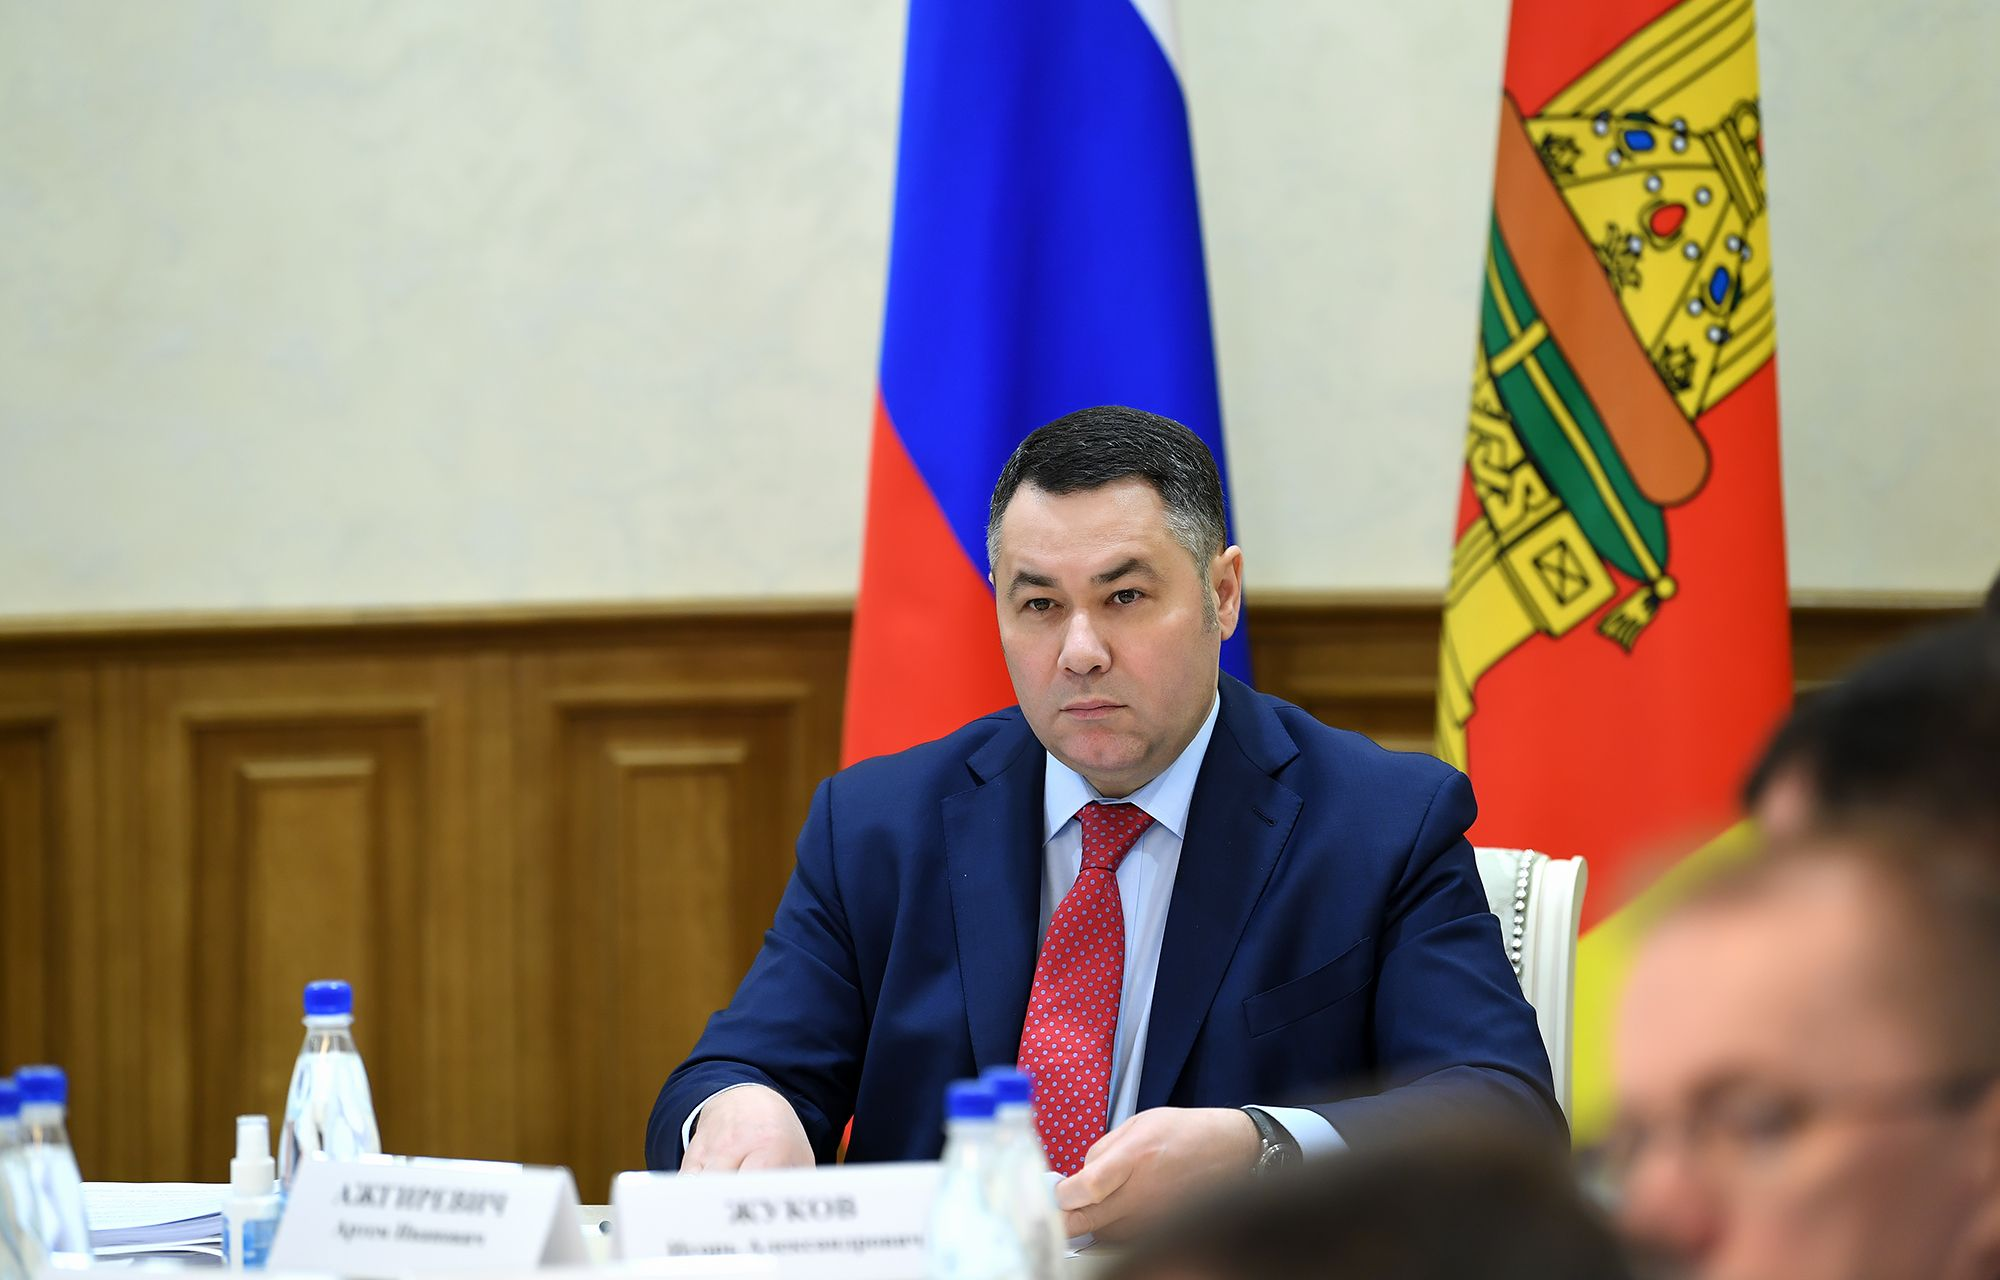 Игорь Руденя поручил главам муниципалитетов держать исполнение ограничительных мер на личном контроле